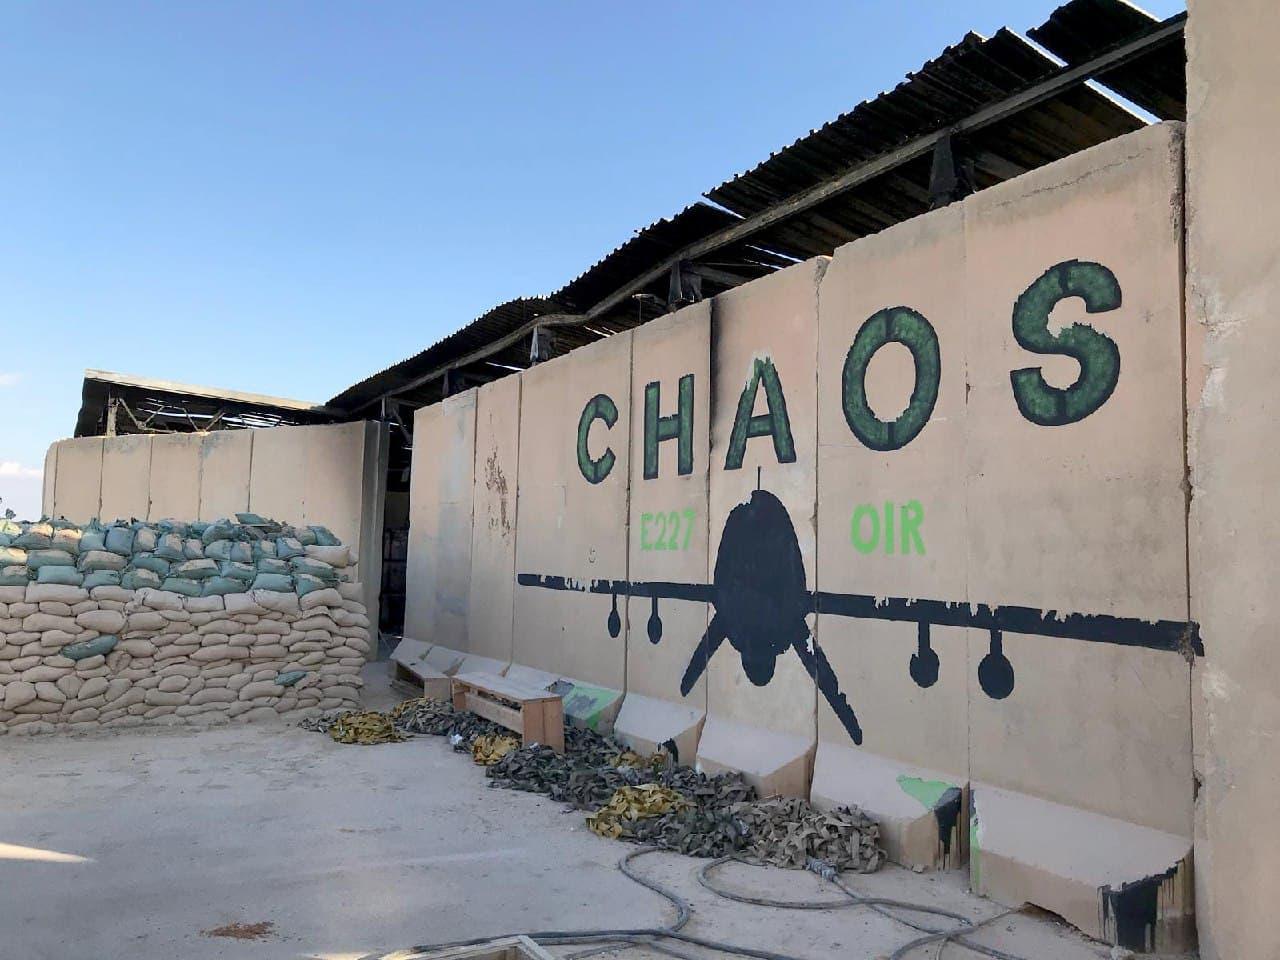 اندیشکده غربی: با دیپلماسی مانع حمله به آمریکاییها در عراق شوید